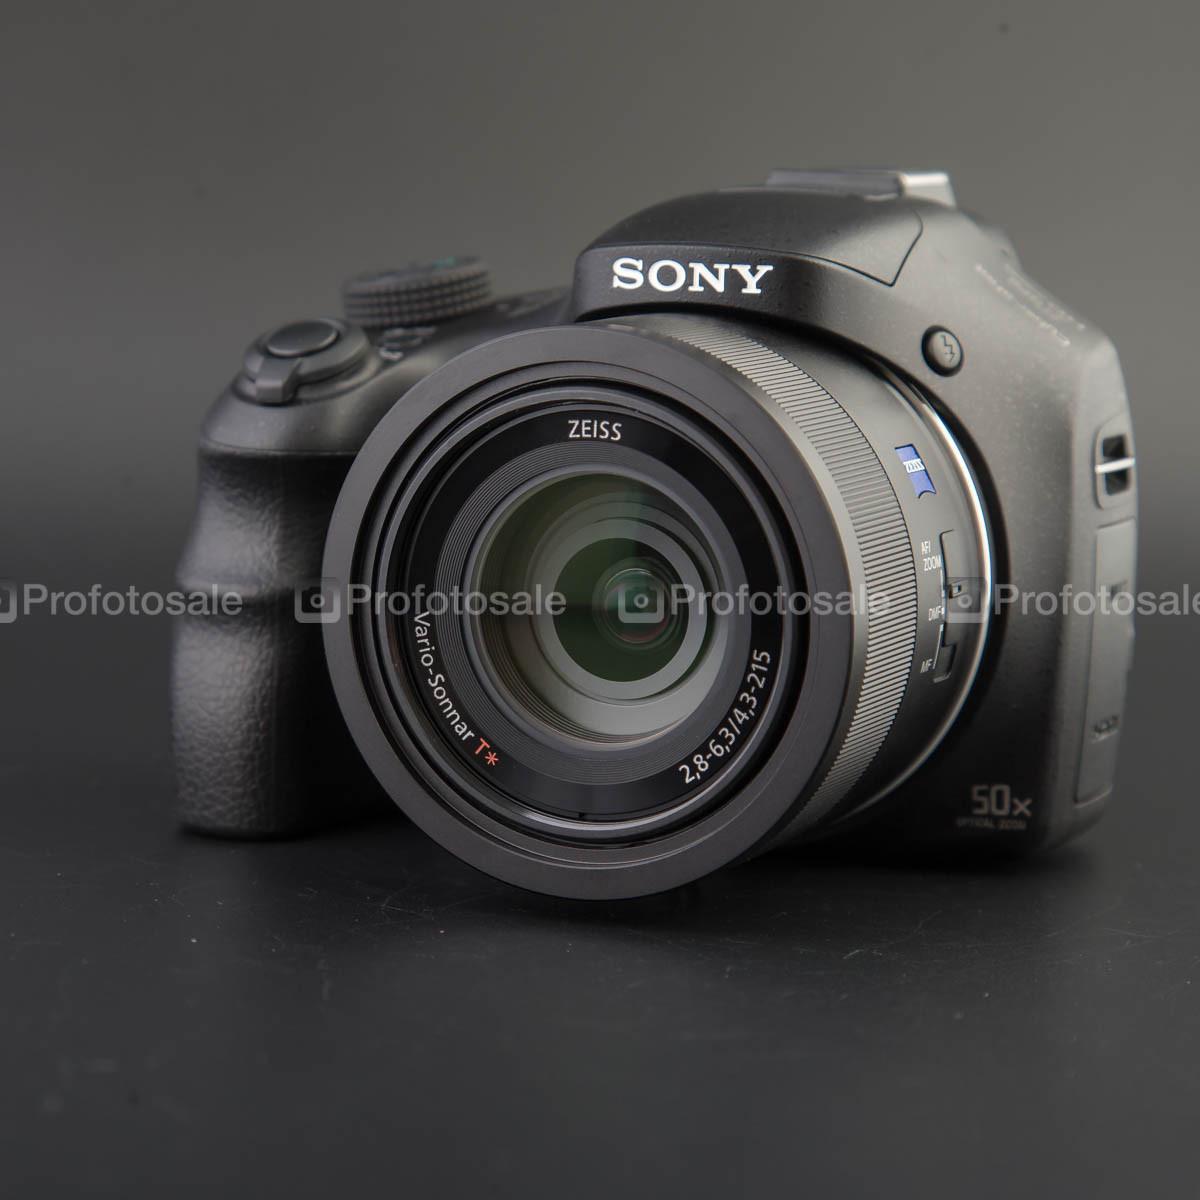 Sony DSC - HX400V